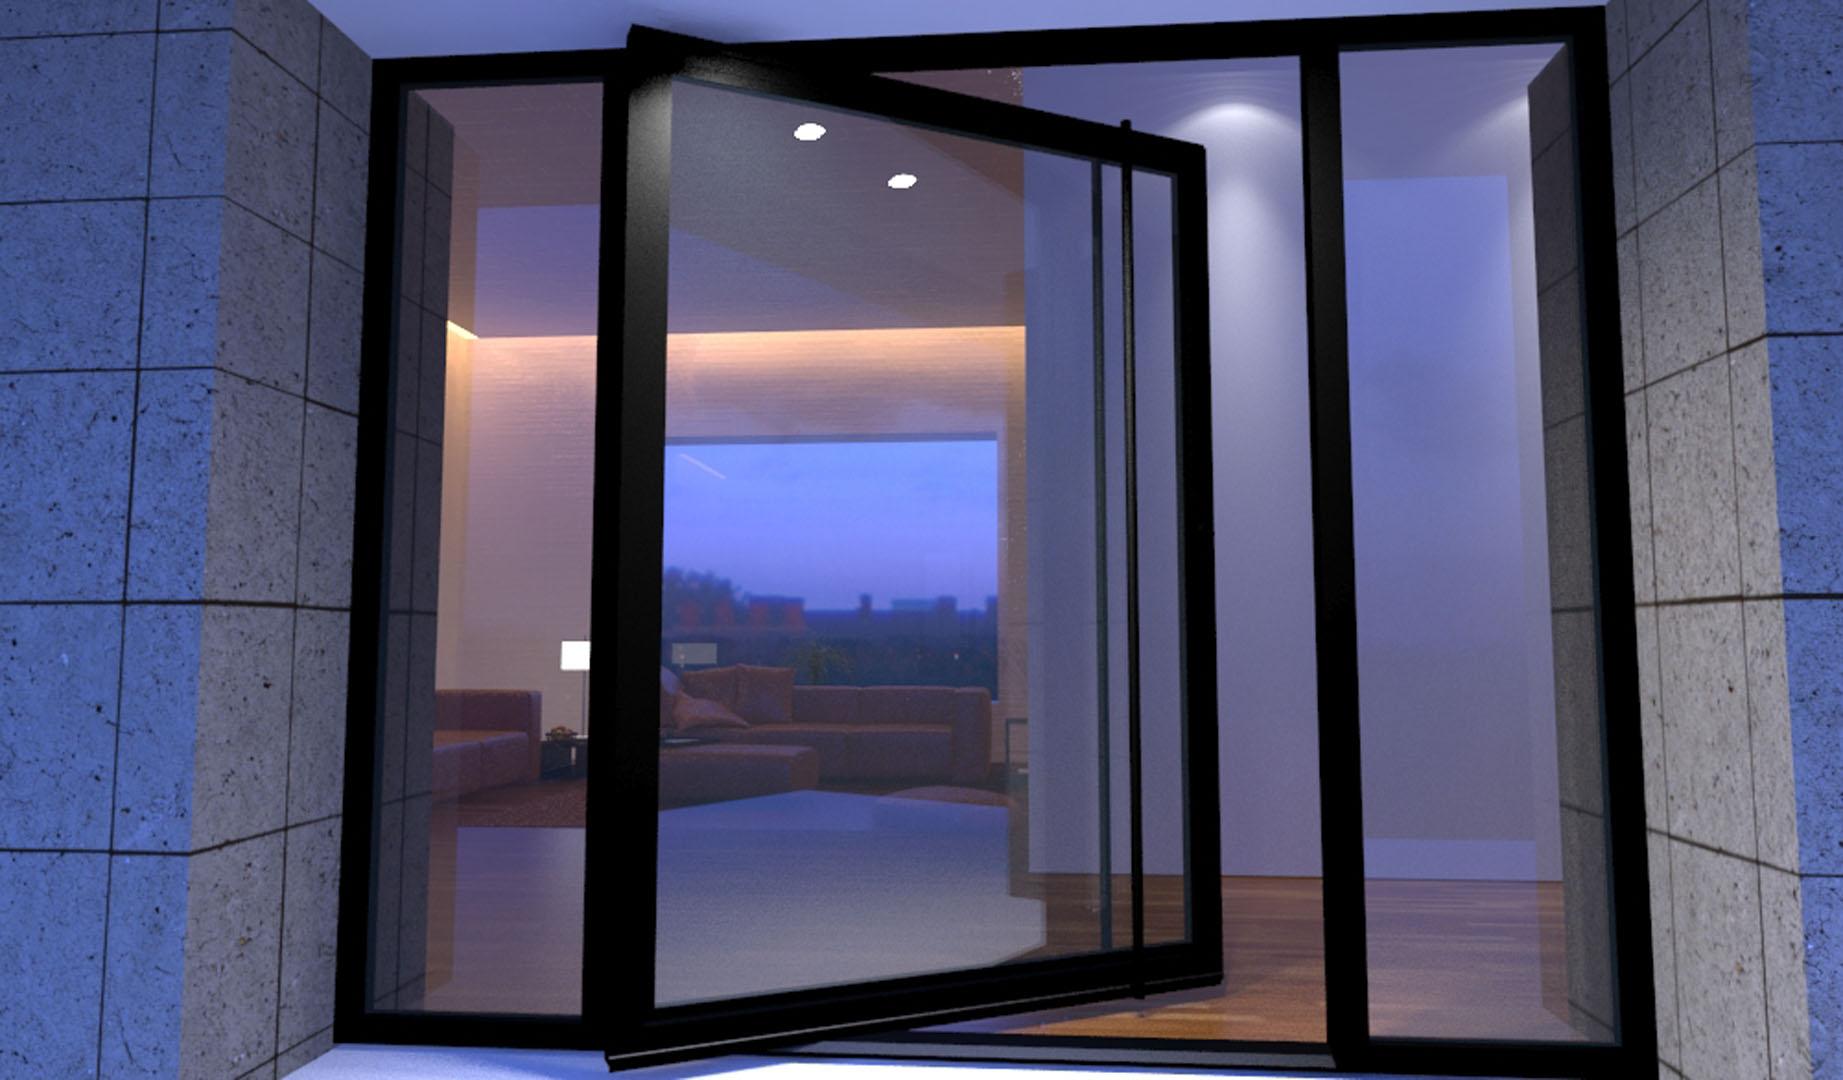 Cristales para puertas interiores elegant puerta - Cristales puertas interiores ...